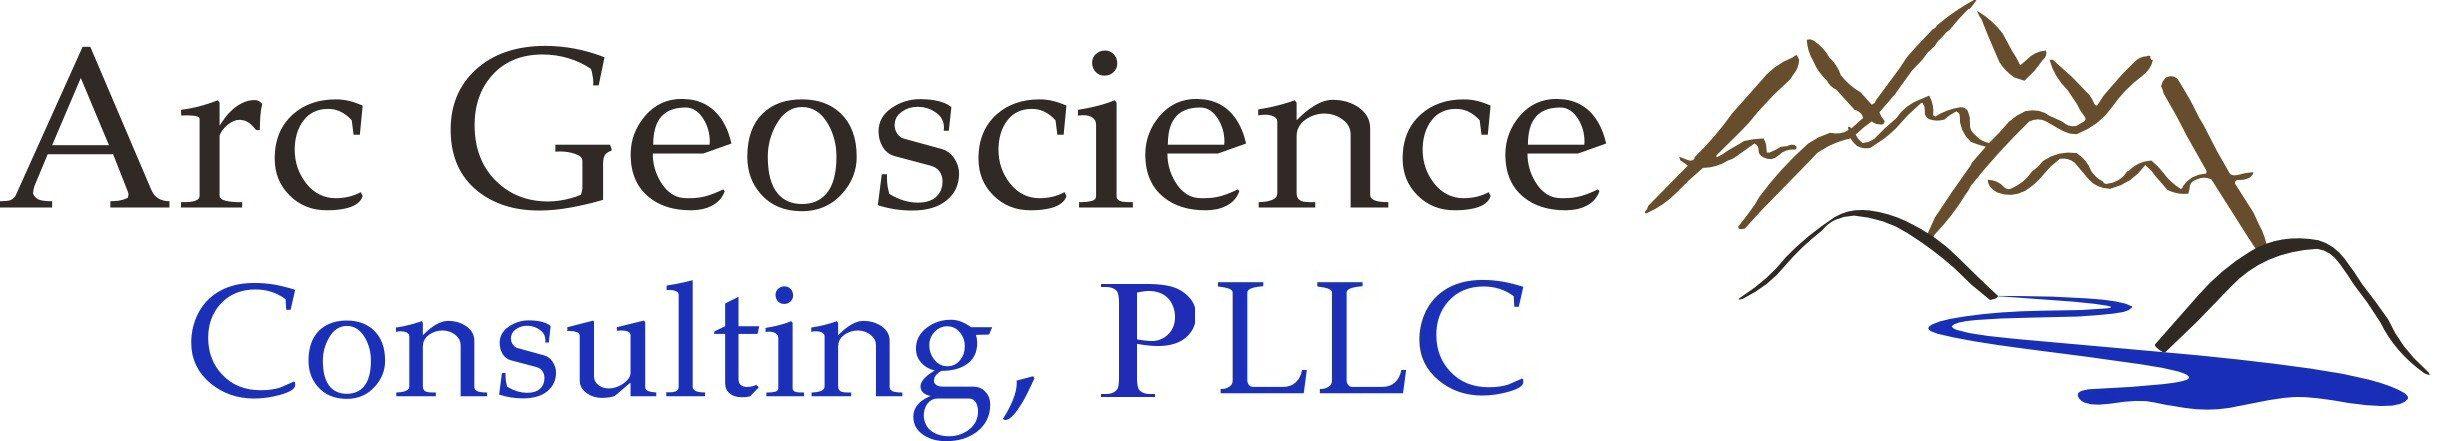 Arc Geoscience Consulting, PLLC